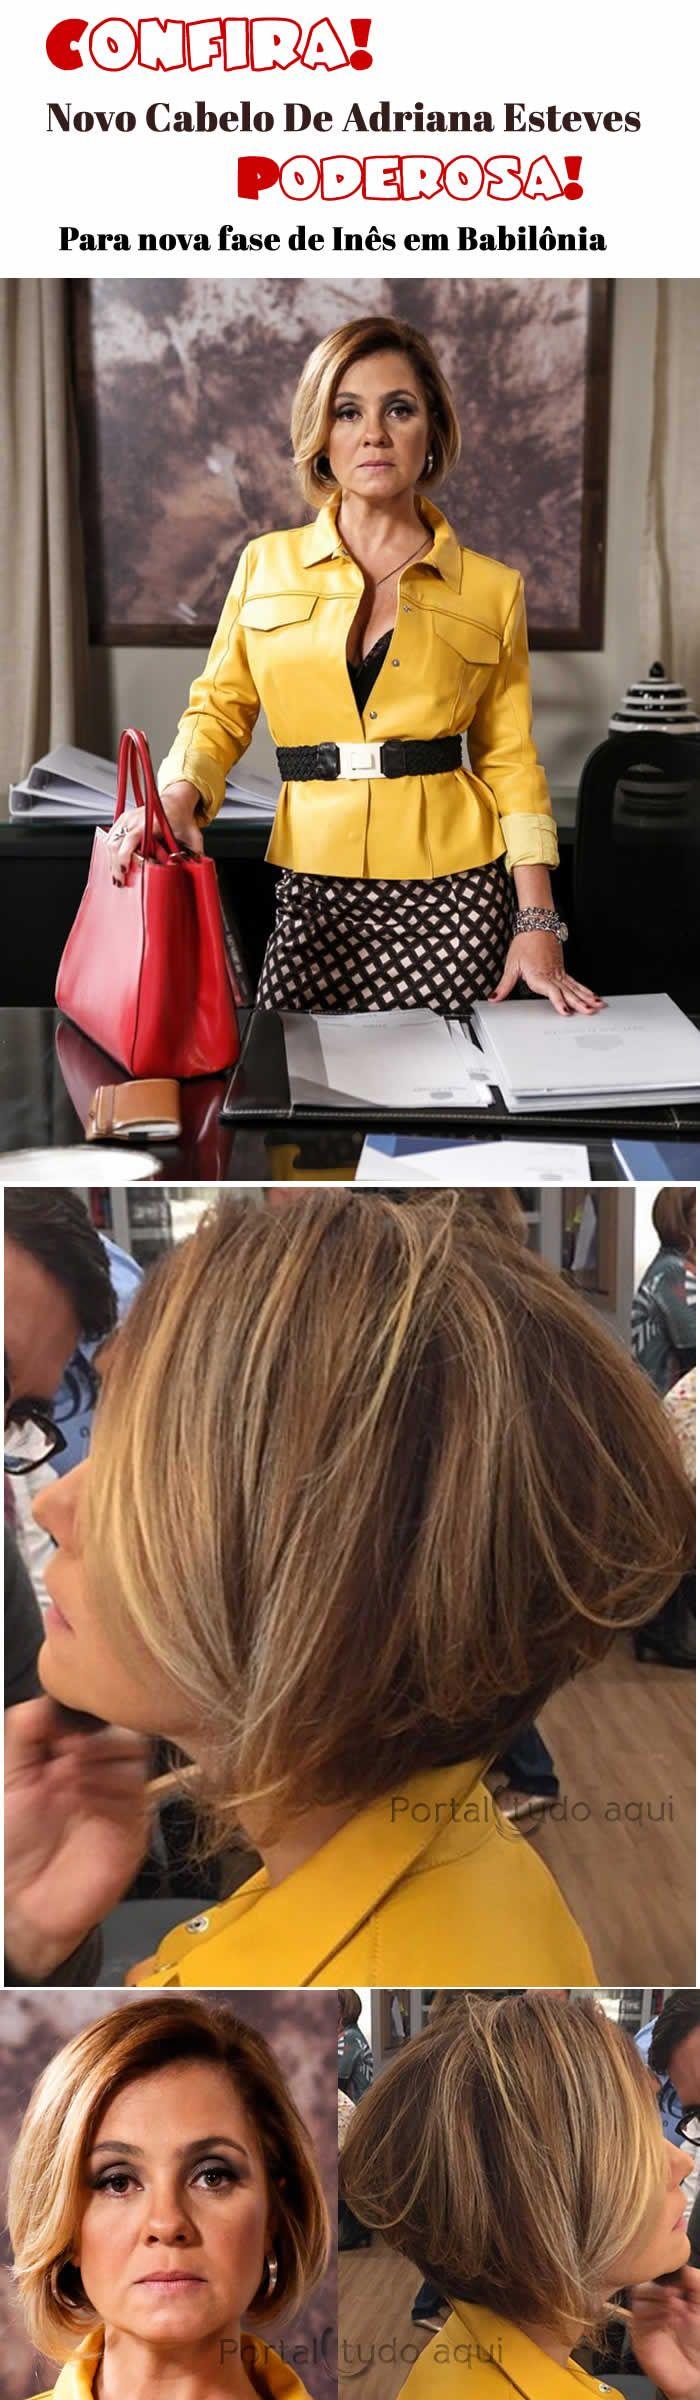 Detalhes do corte de cabelo de Adriana Esteves para a novela Babilônia. Tá linda!